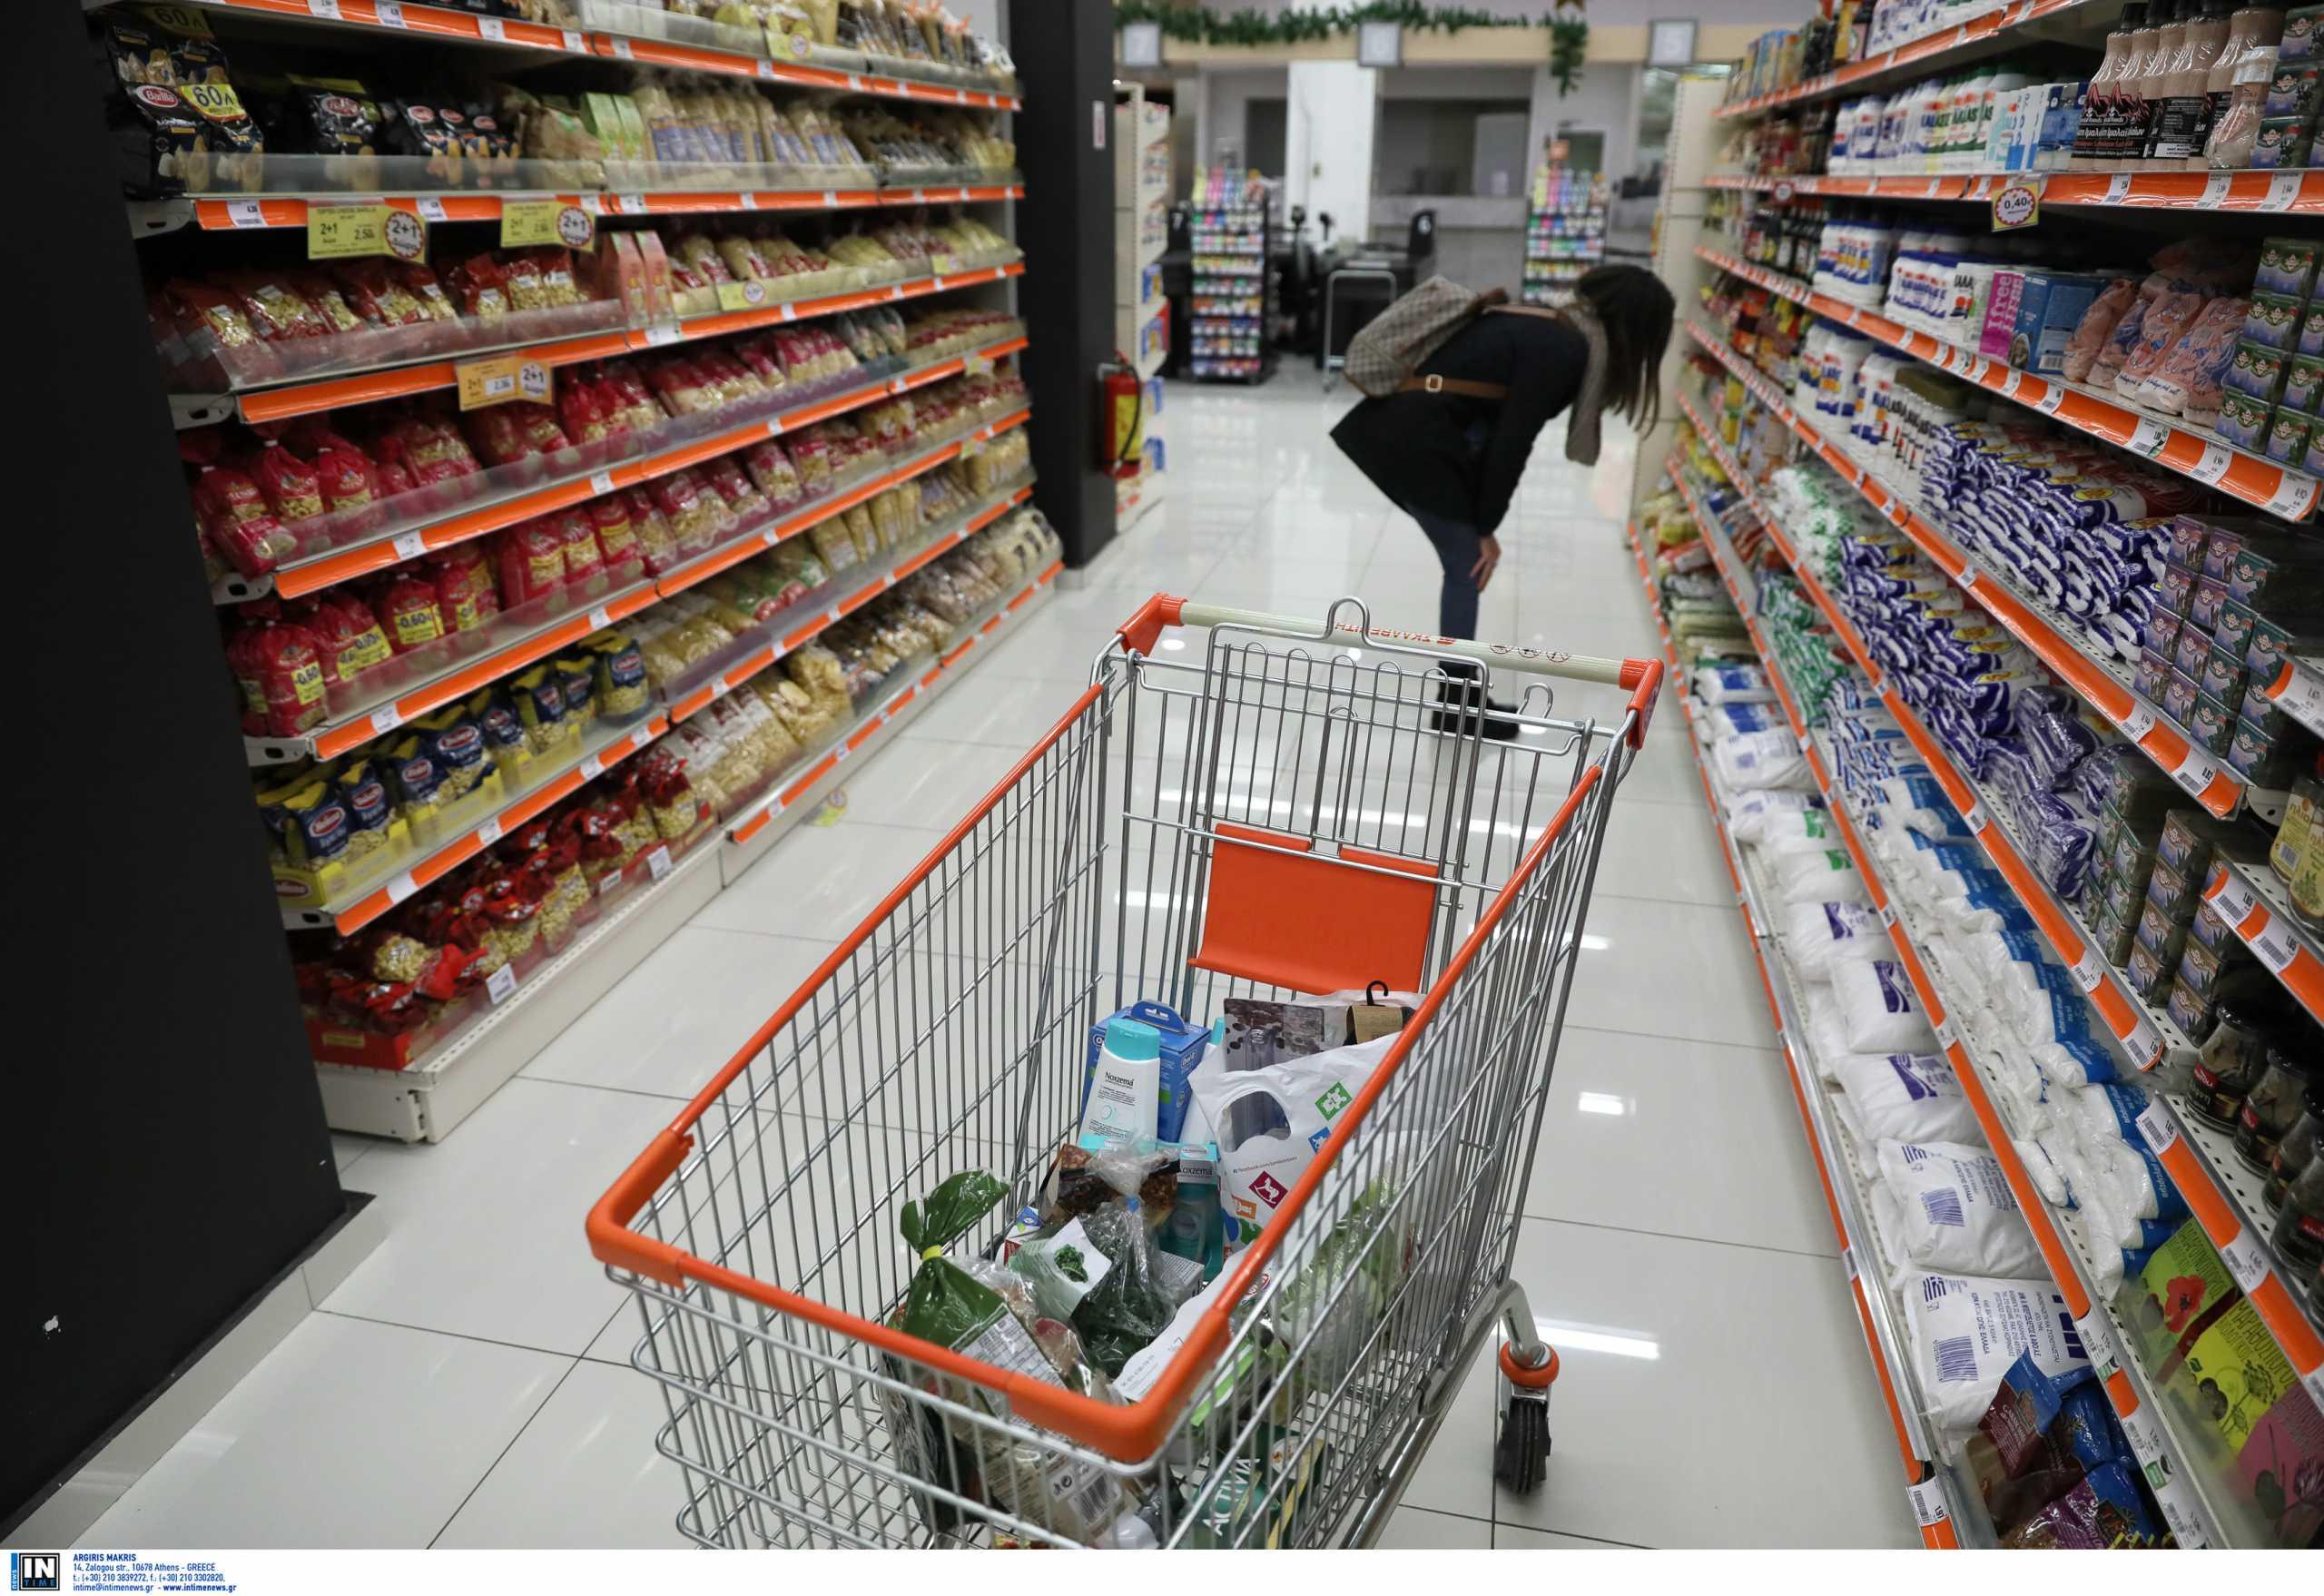 Έρευνα ΙΕΛΚΑ: Πόσα χρήματα γλίτωσαν τα νοικοκυριά από προσφορές στα σούπερ μάρκετ το 2020